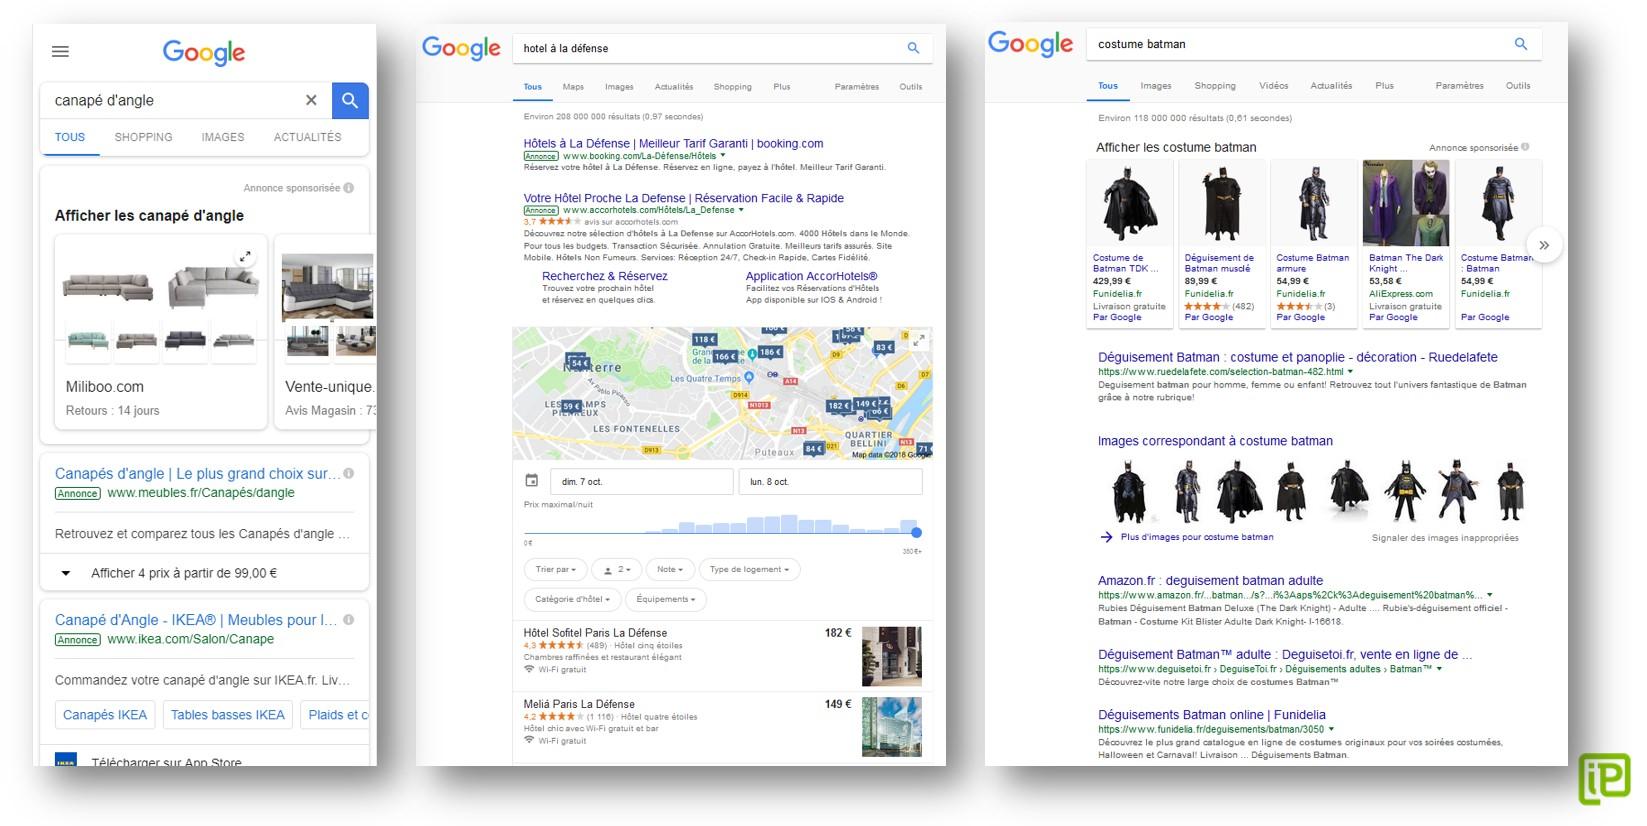 поисковая система не пренебрегает возможностью также извлечь максимум пользы, обильно разбавляя органические результаты собственными коммерческими сервисами